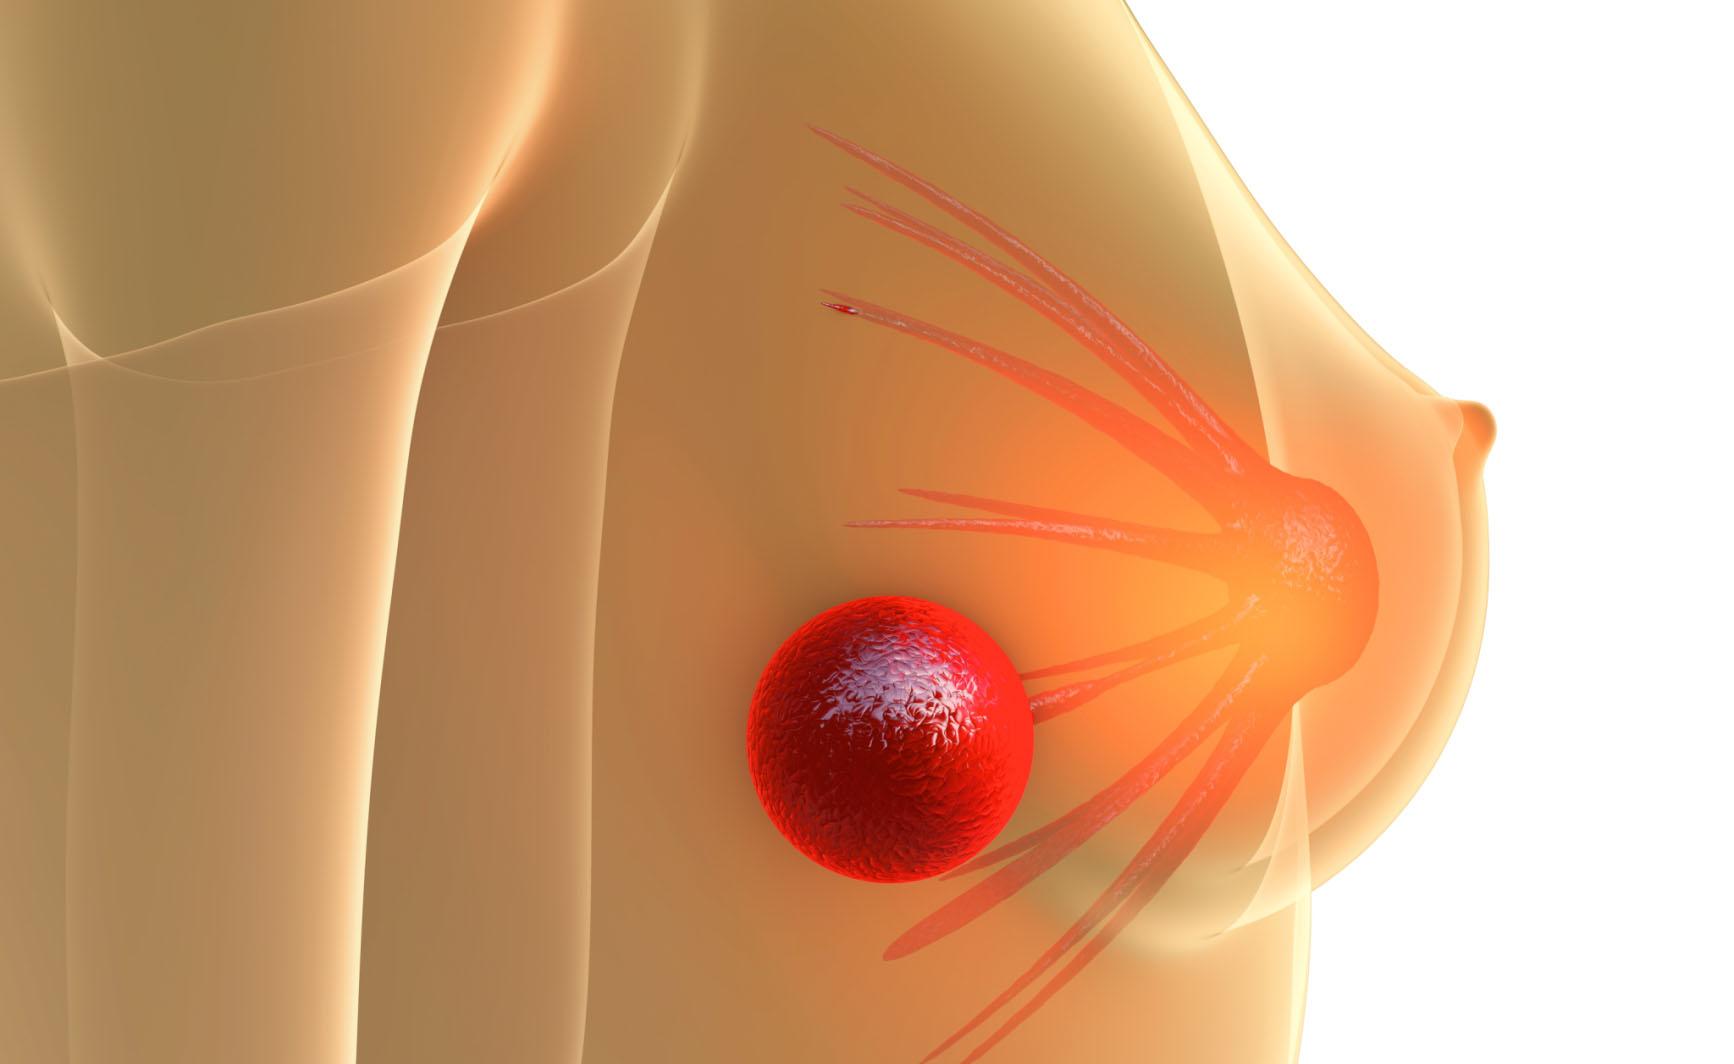 Cancro al seno: i segnali di pericolo | Pazienti.it